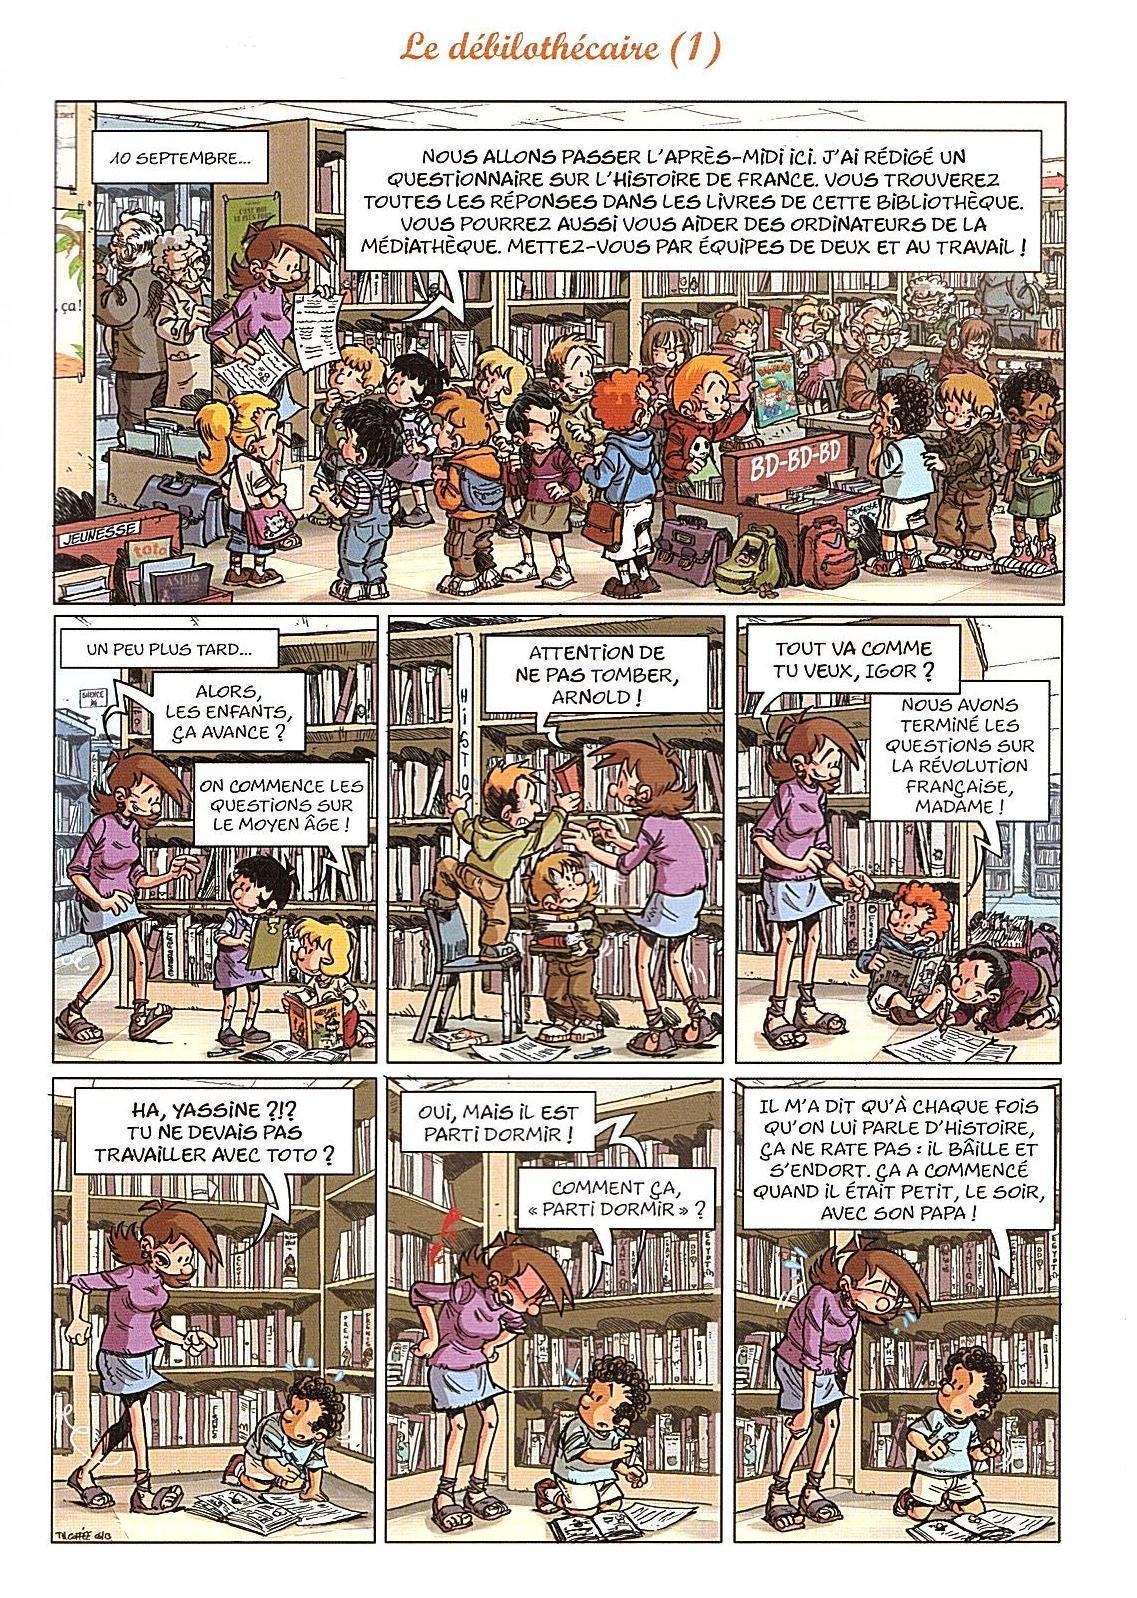 Les Blagues De Toto T10 L Histoire Drole Par Thierry Coppee Bdzoom Com